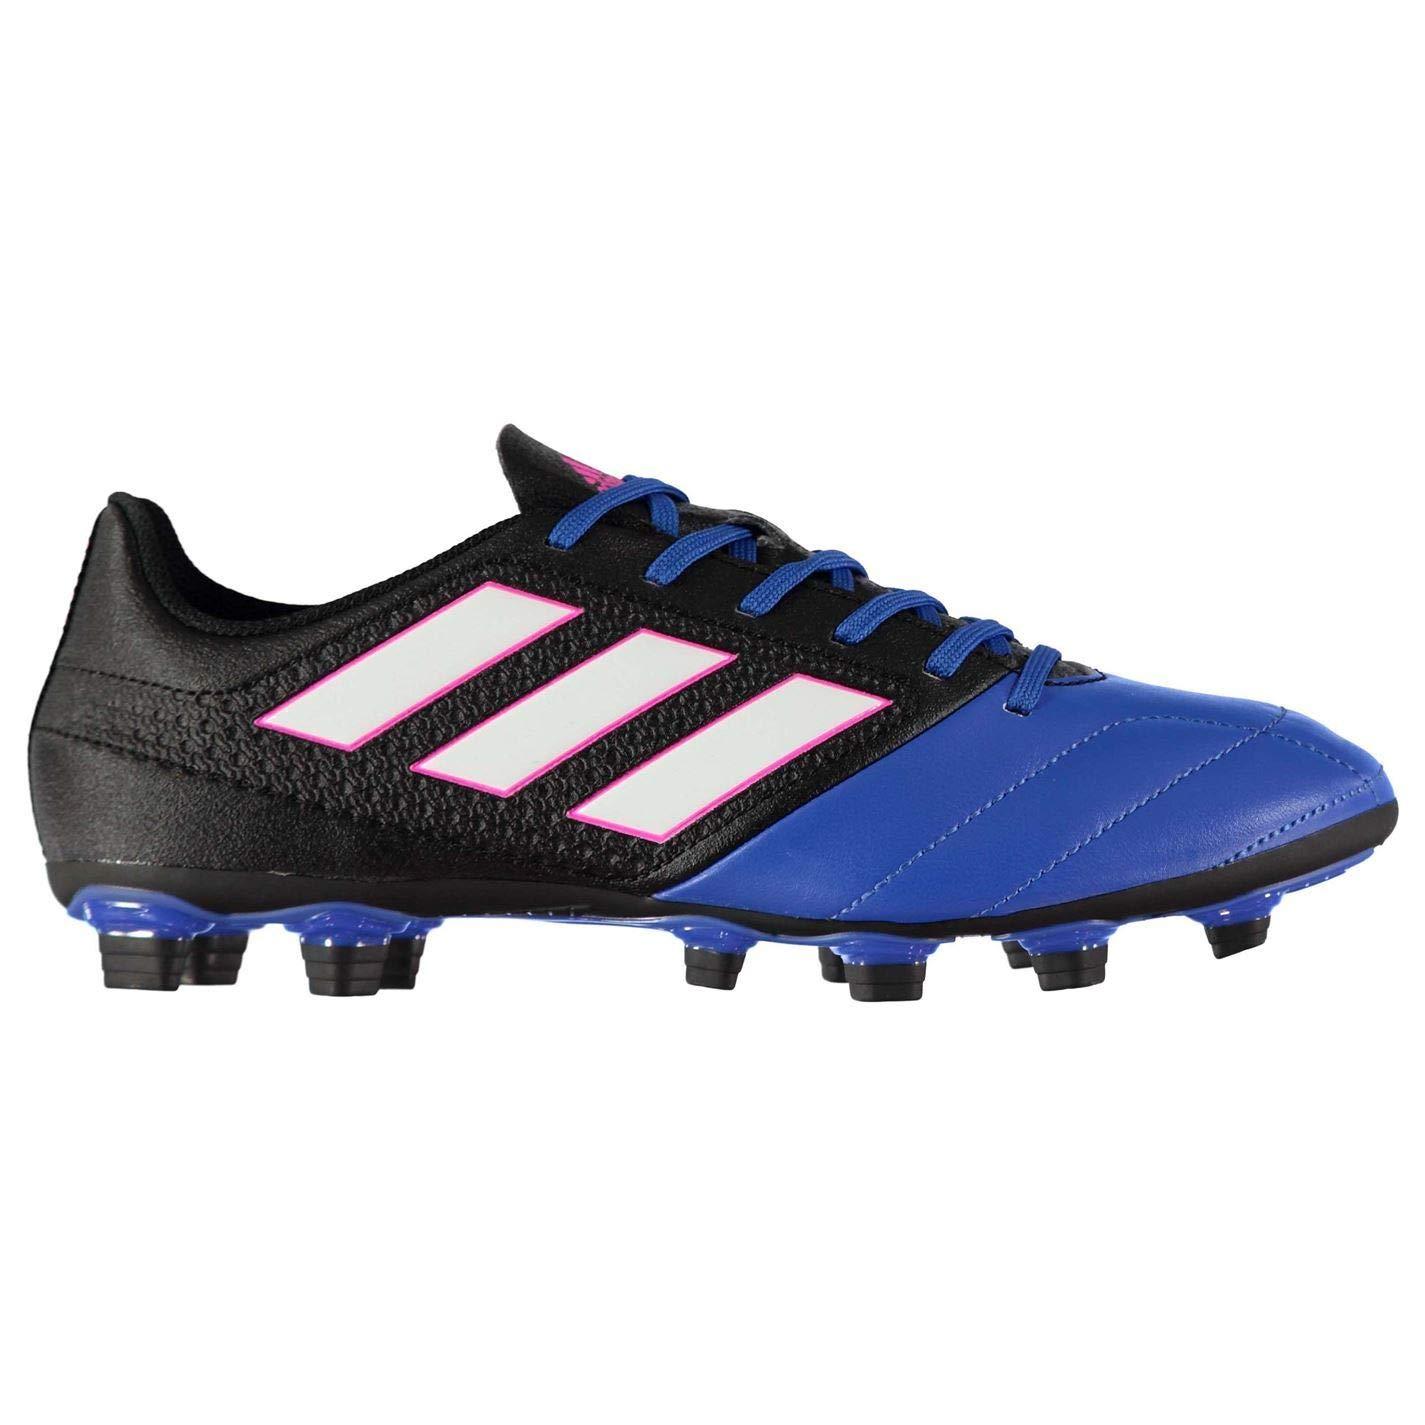 Adida Ace Fußballschuhe 17.4 FG Fußballschuhe Ace für Herren, Schwarz Weiß   Blau 996a70